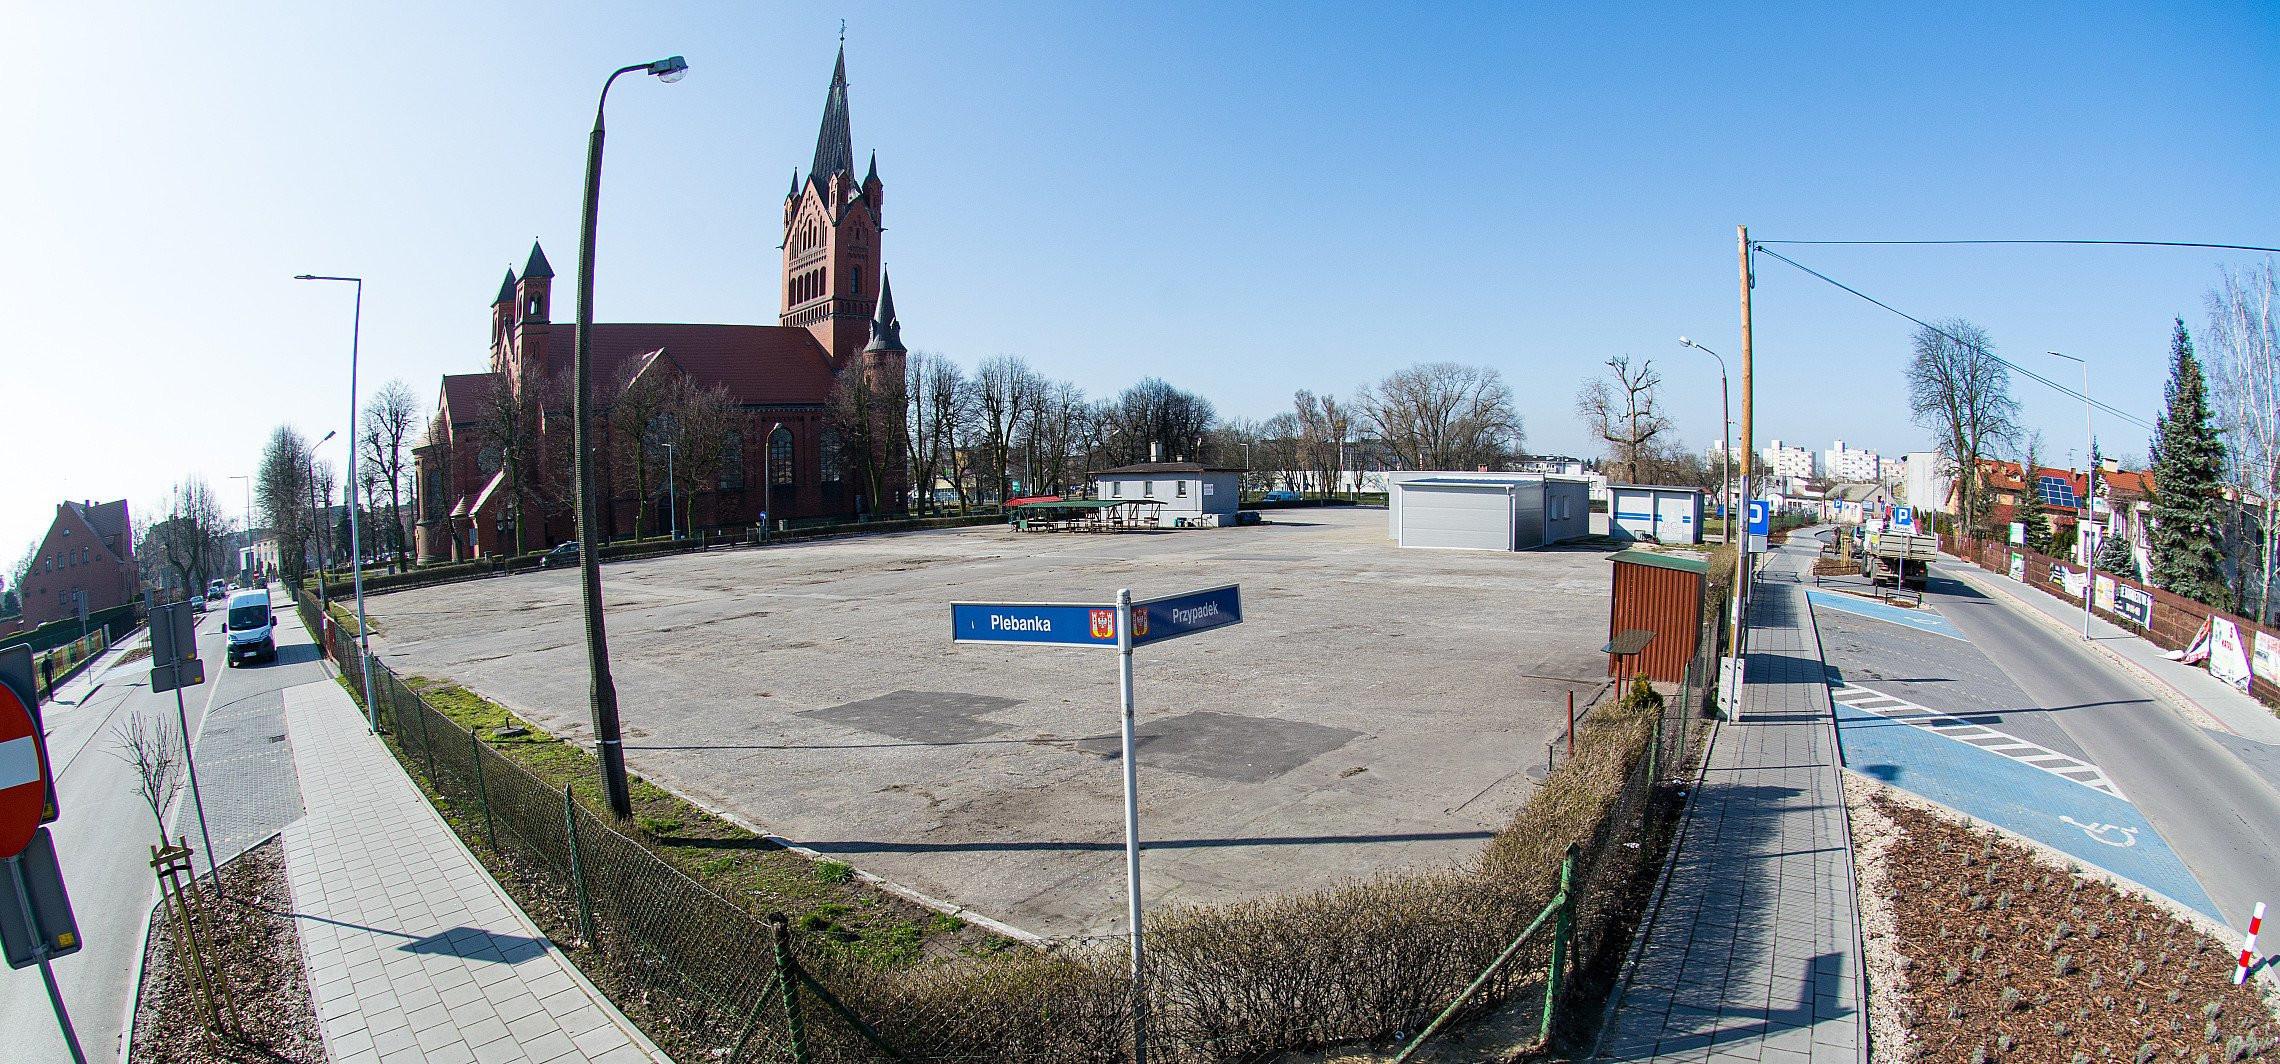 Inowrocław - Dwie kradzieże na miejskim targu. Policja ostrzega